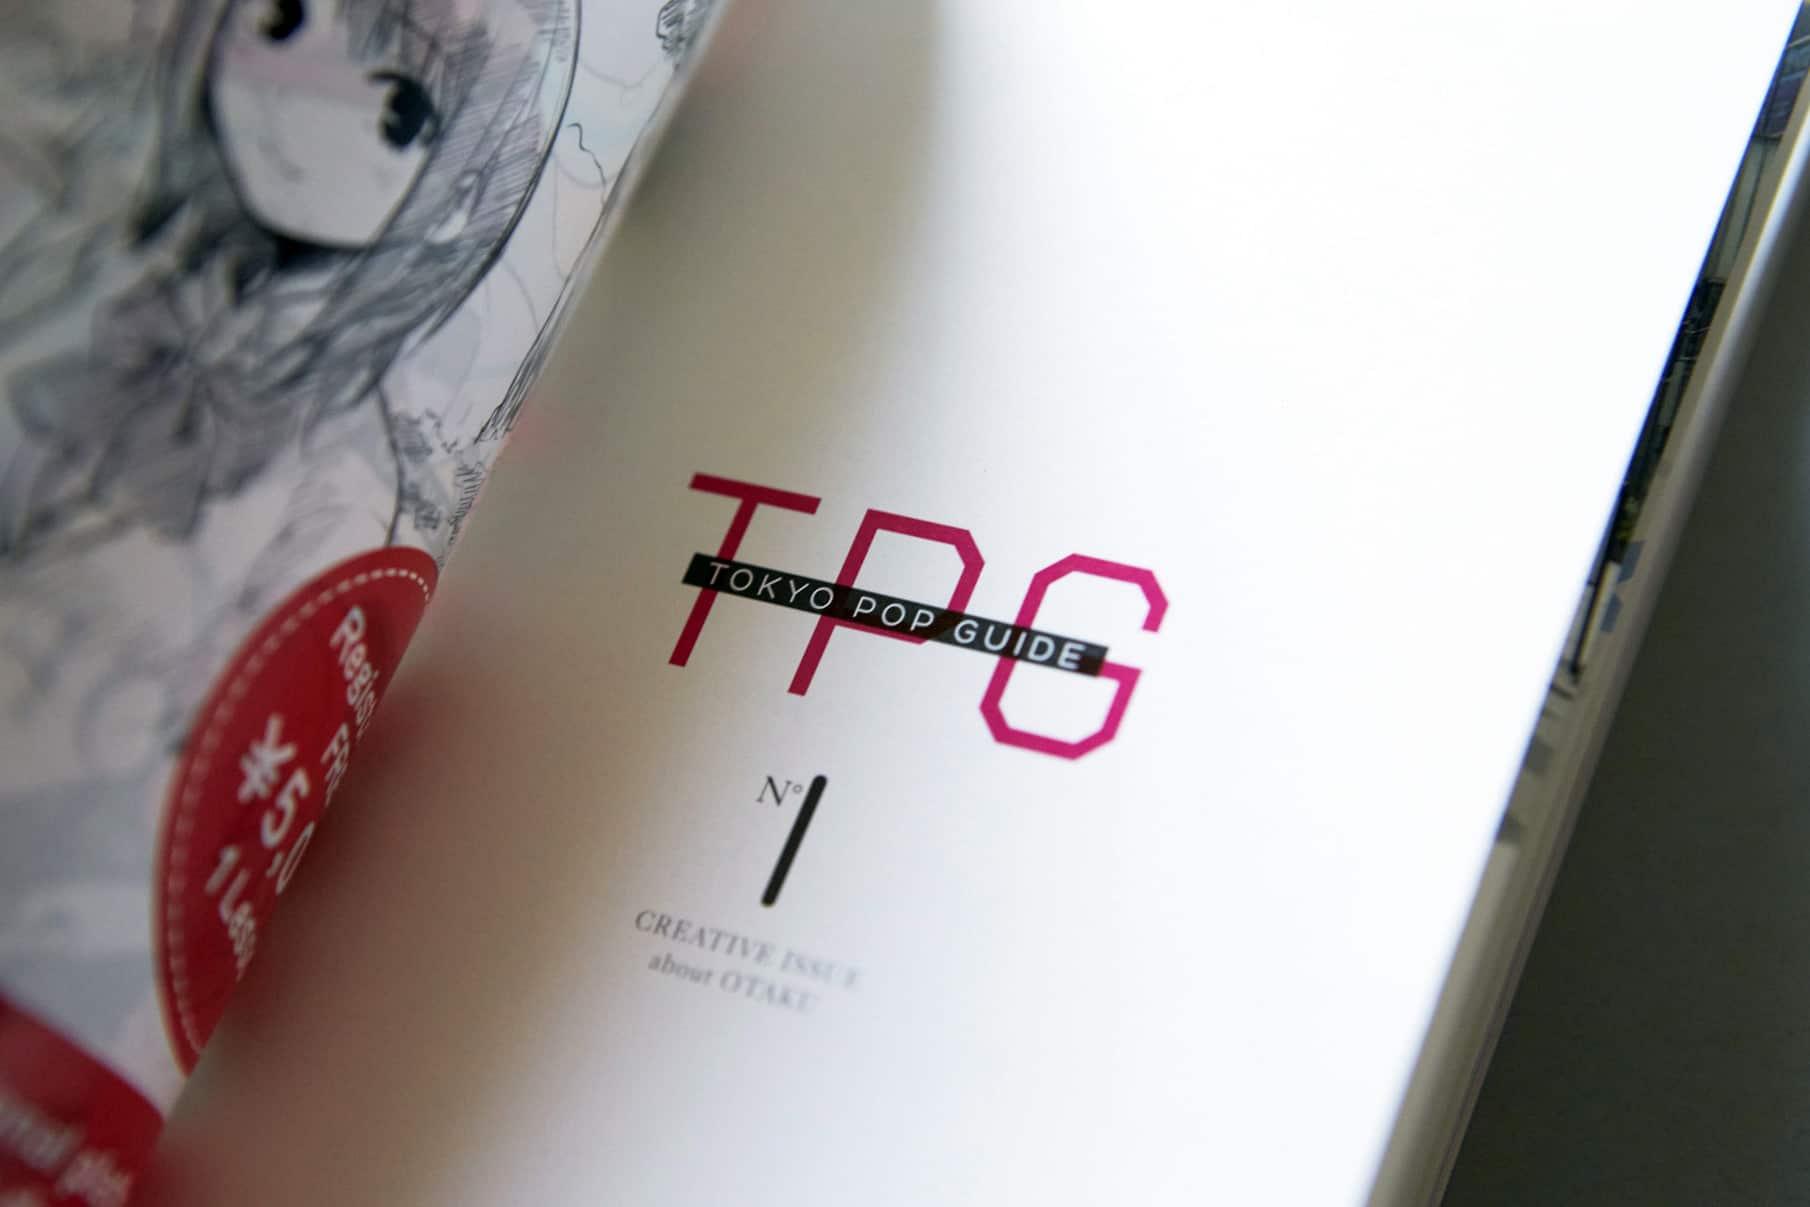 Tokyo Pop Guide Vol.1 - Culture Guide Book 4